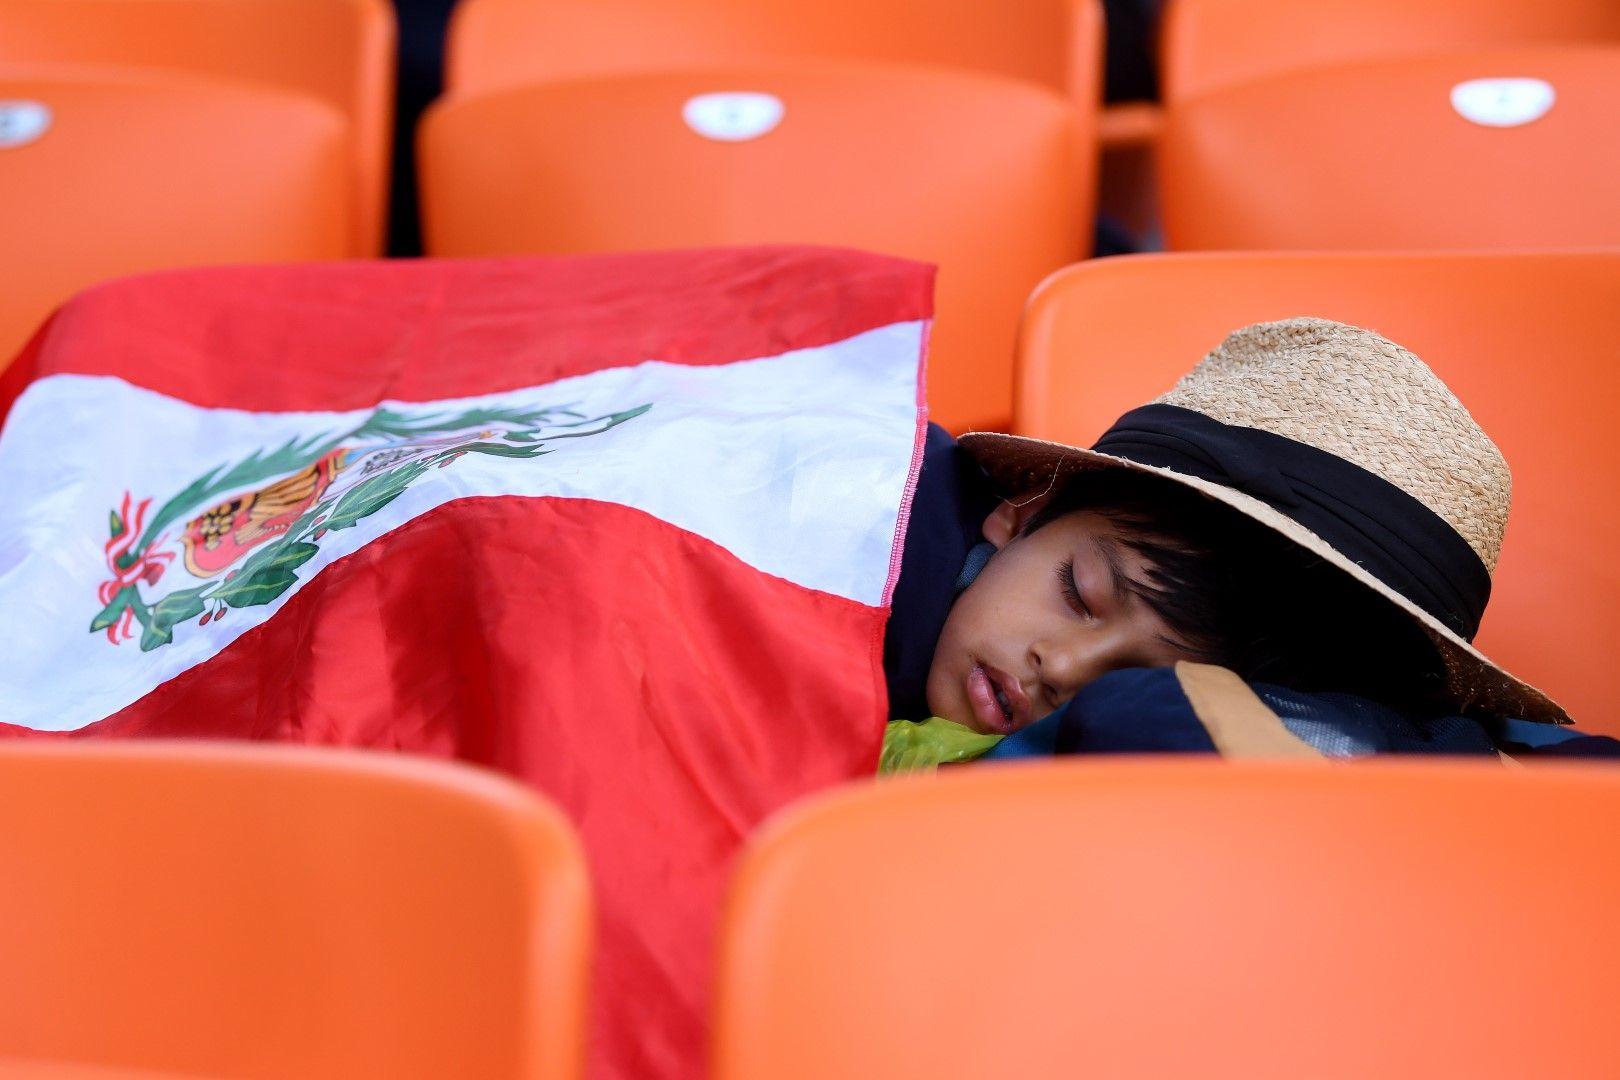 Дали това перуанско хлапе сънува световната купа? Вероятно... Но отборът отпадна с две загуби на старта.